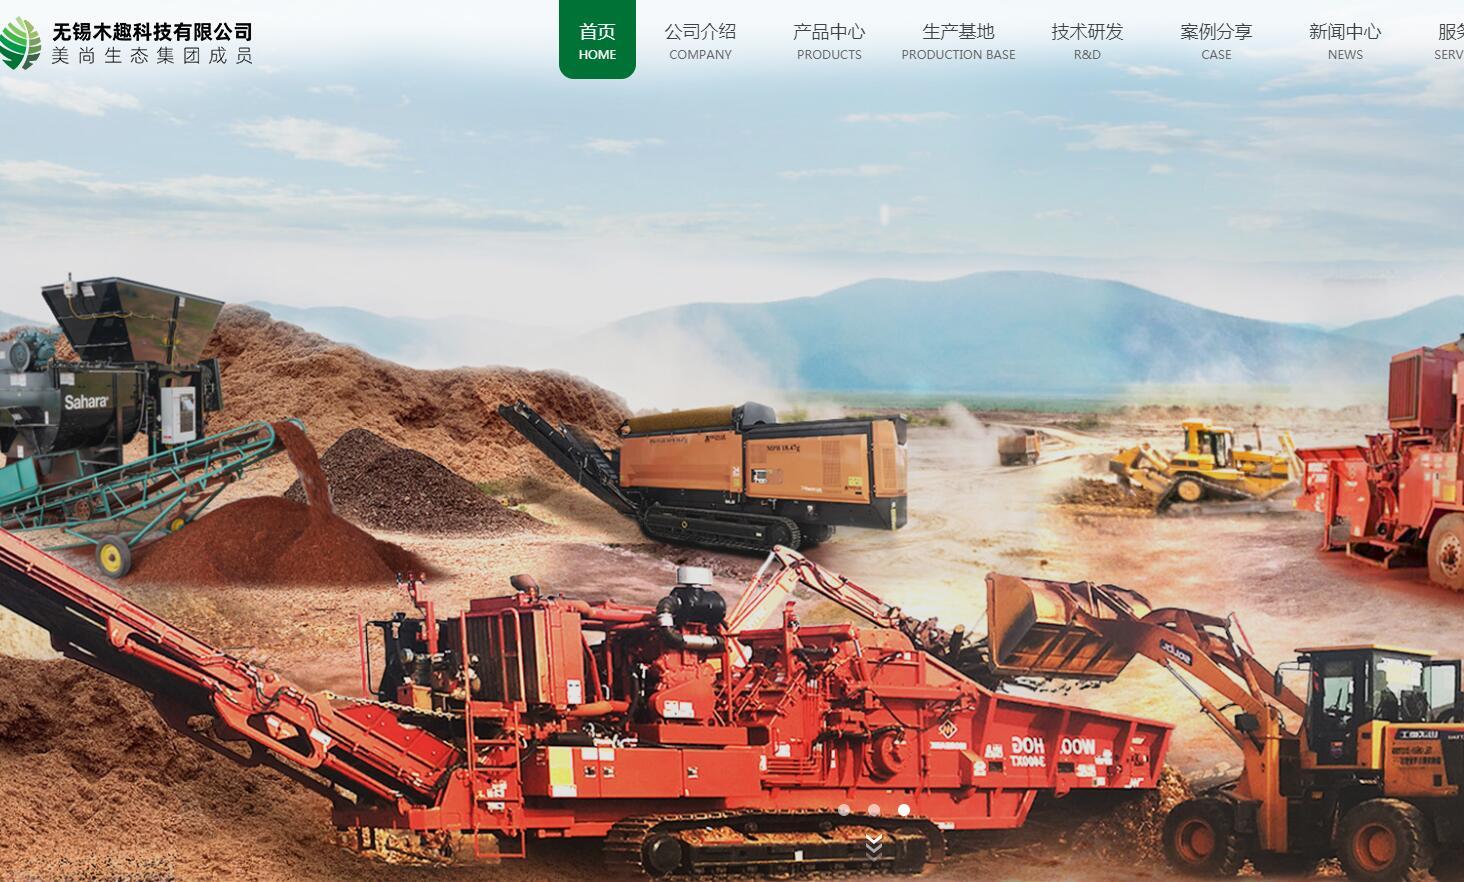 https://www.doushuohao.com/jingpinwangzhan/738.html